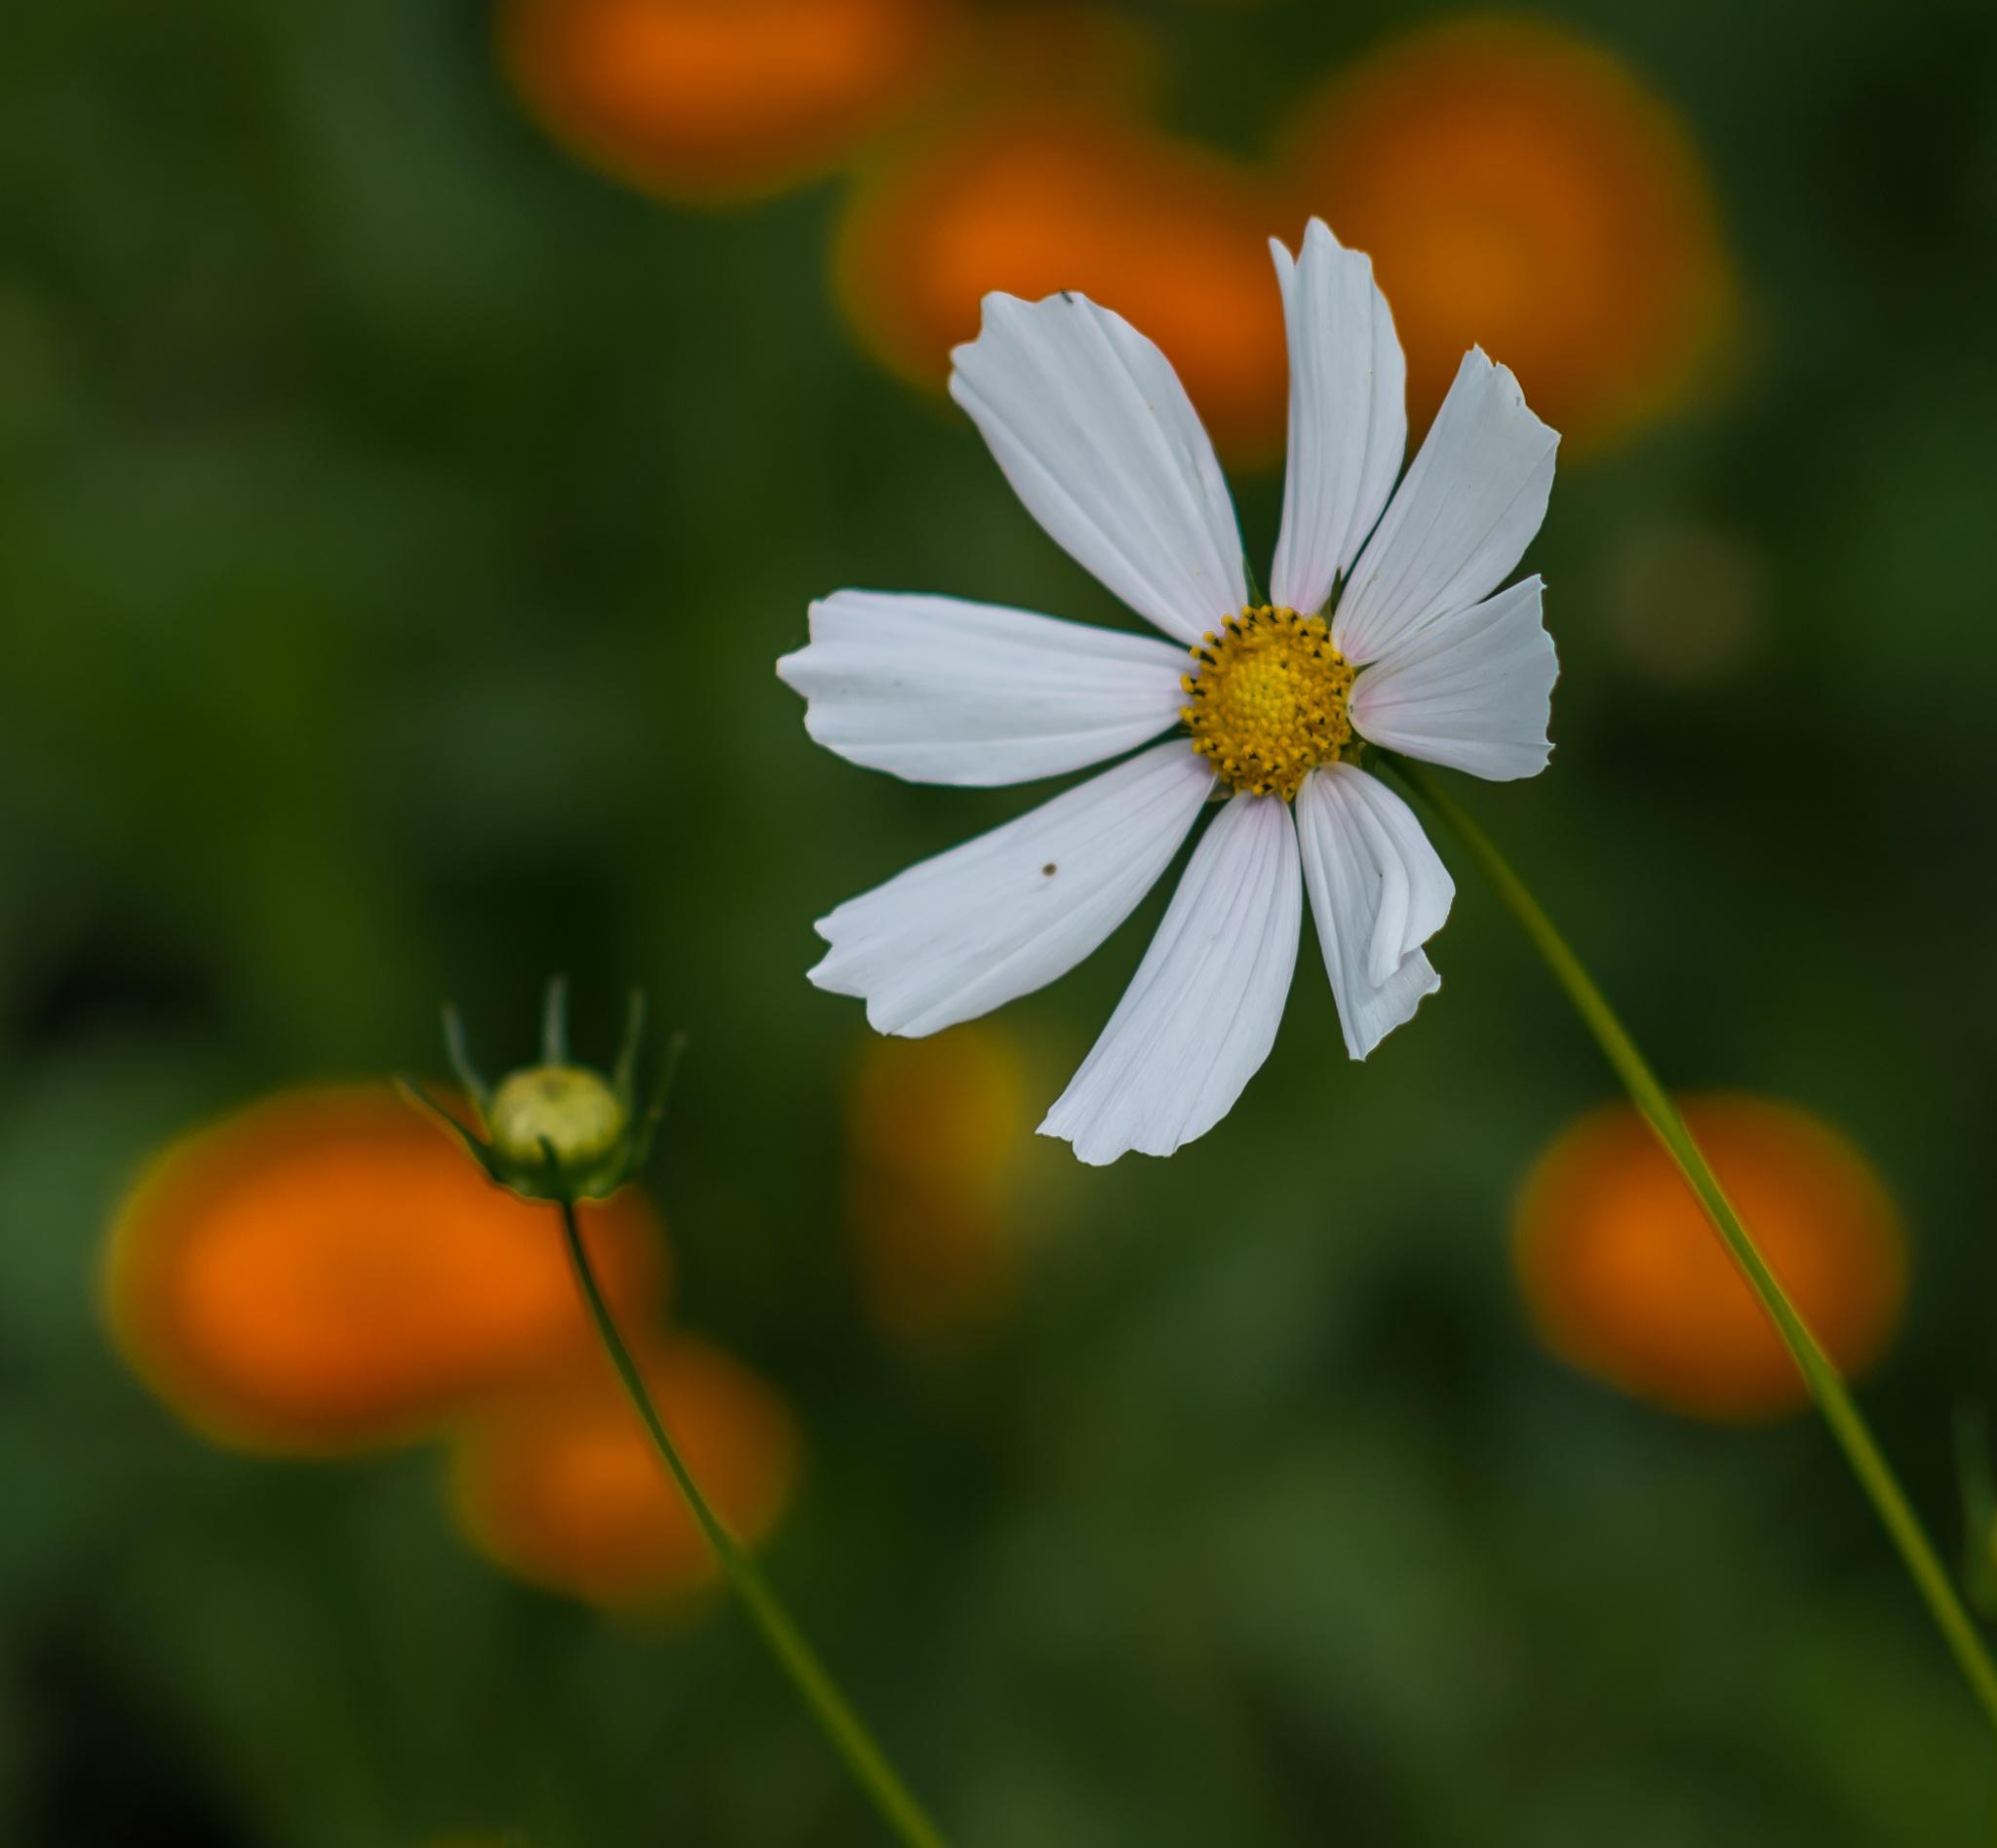 Daisy by DrJohnHodgson